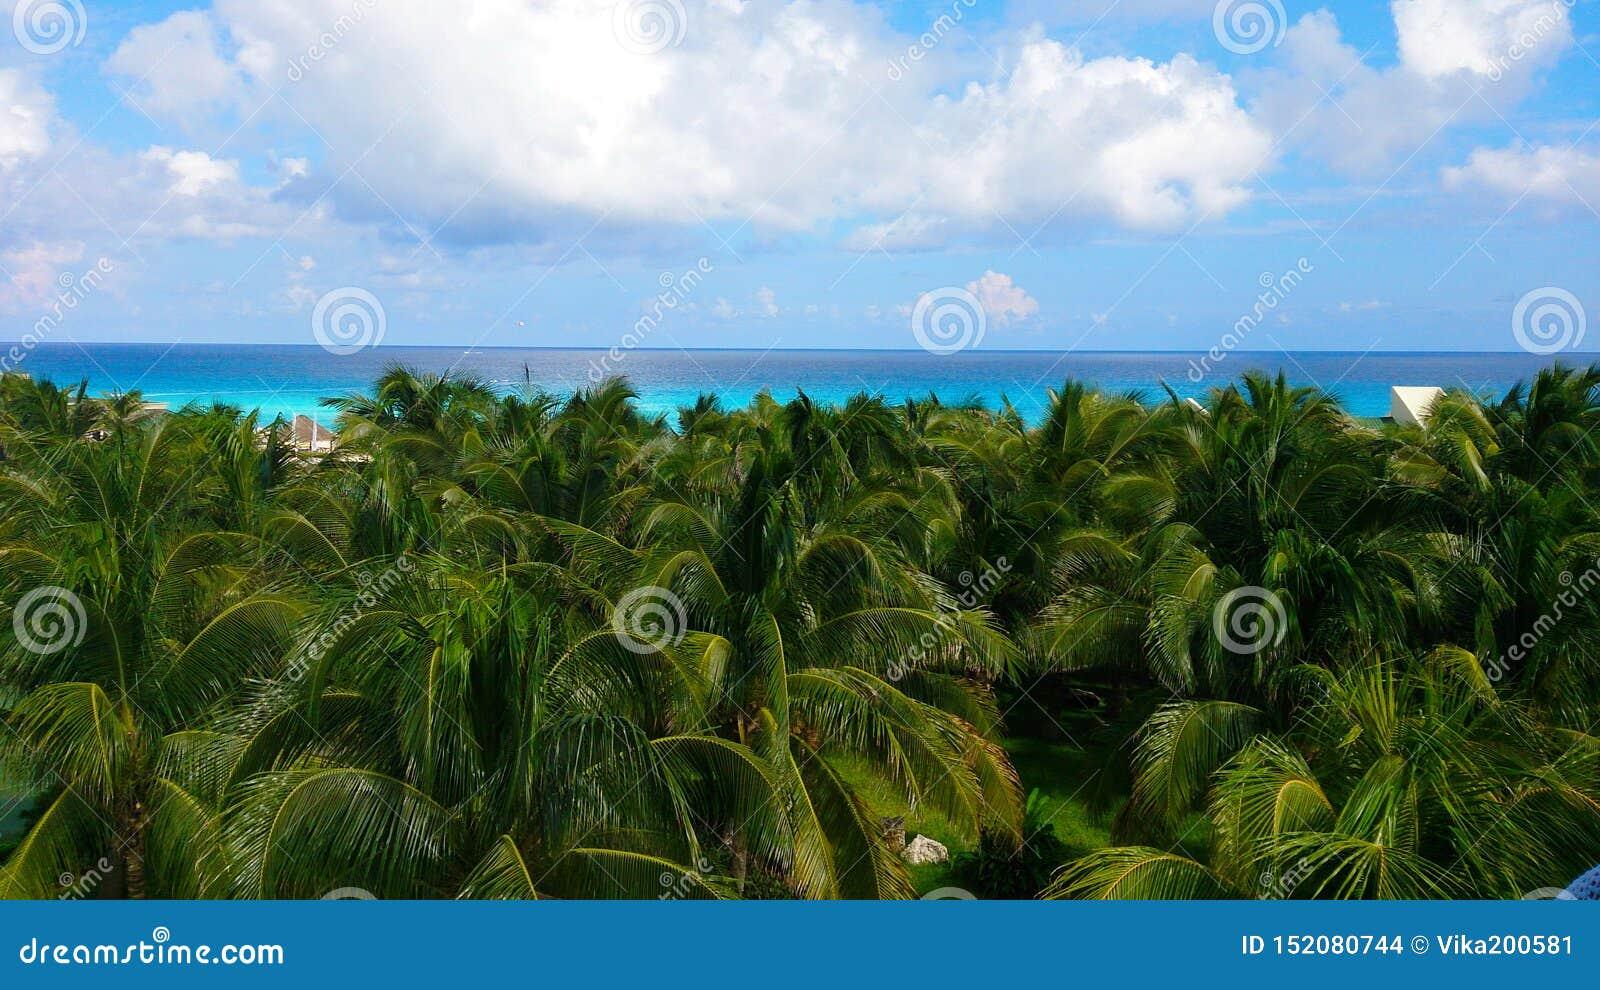 E 旅游业的夏天休假和假期概念 激动人心的热带风景